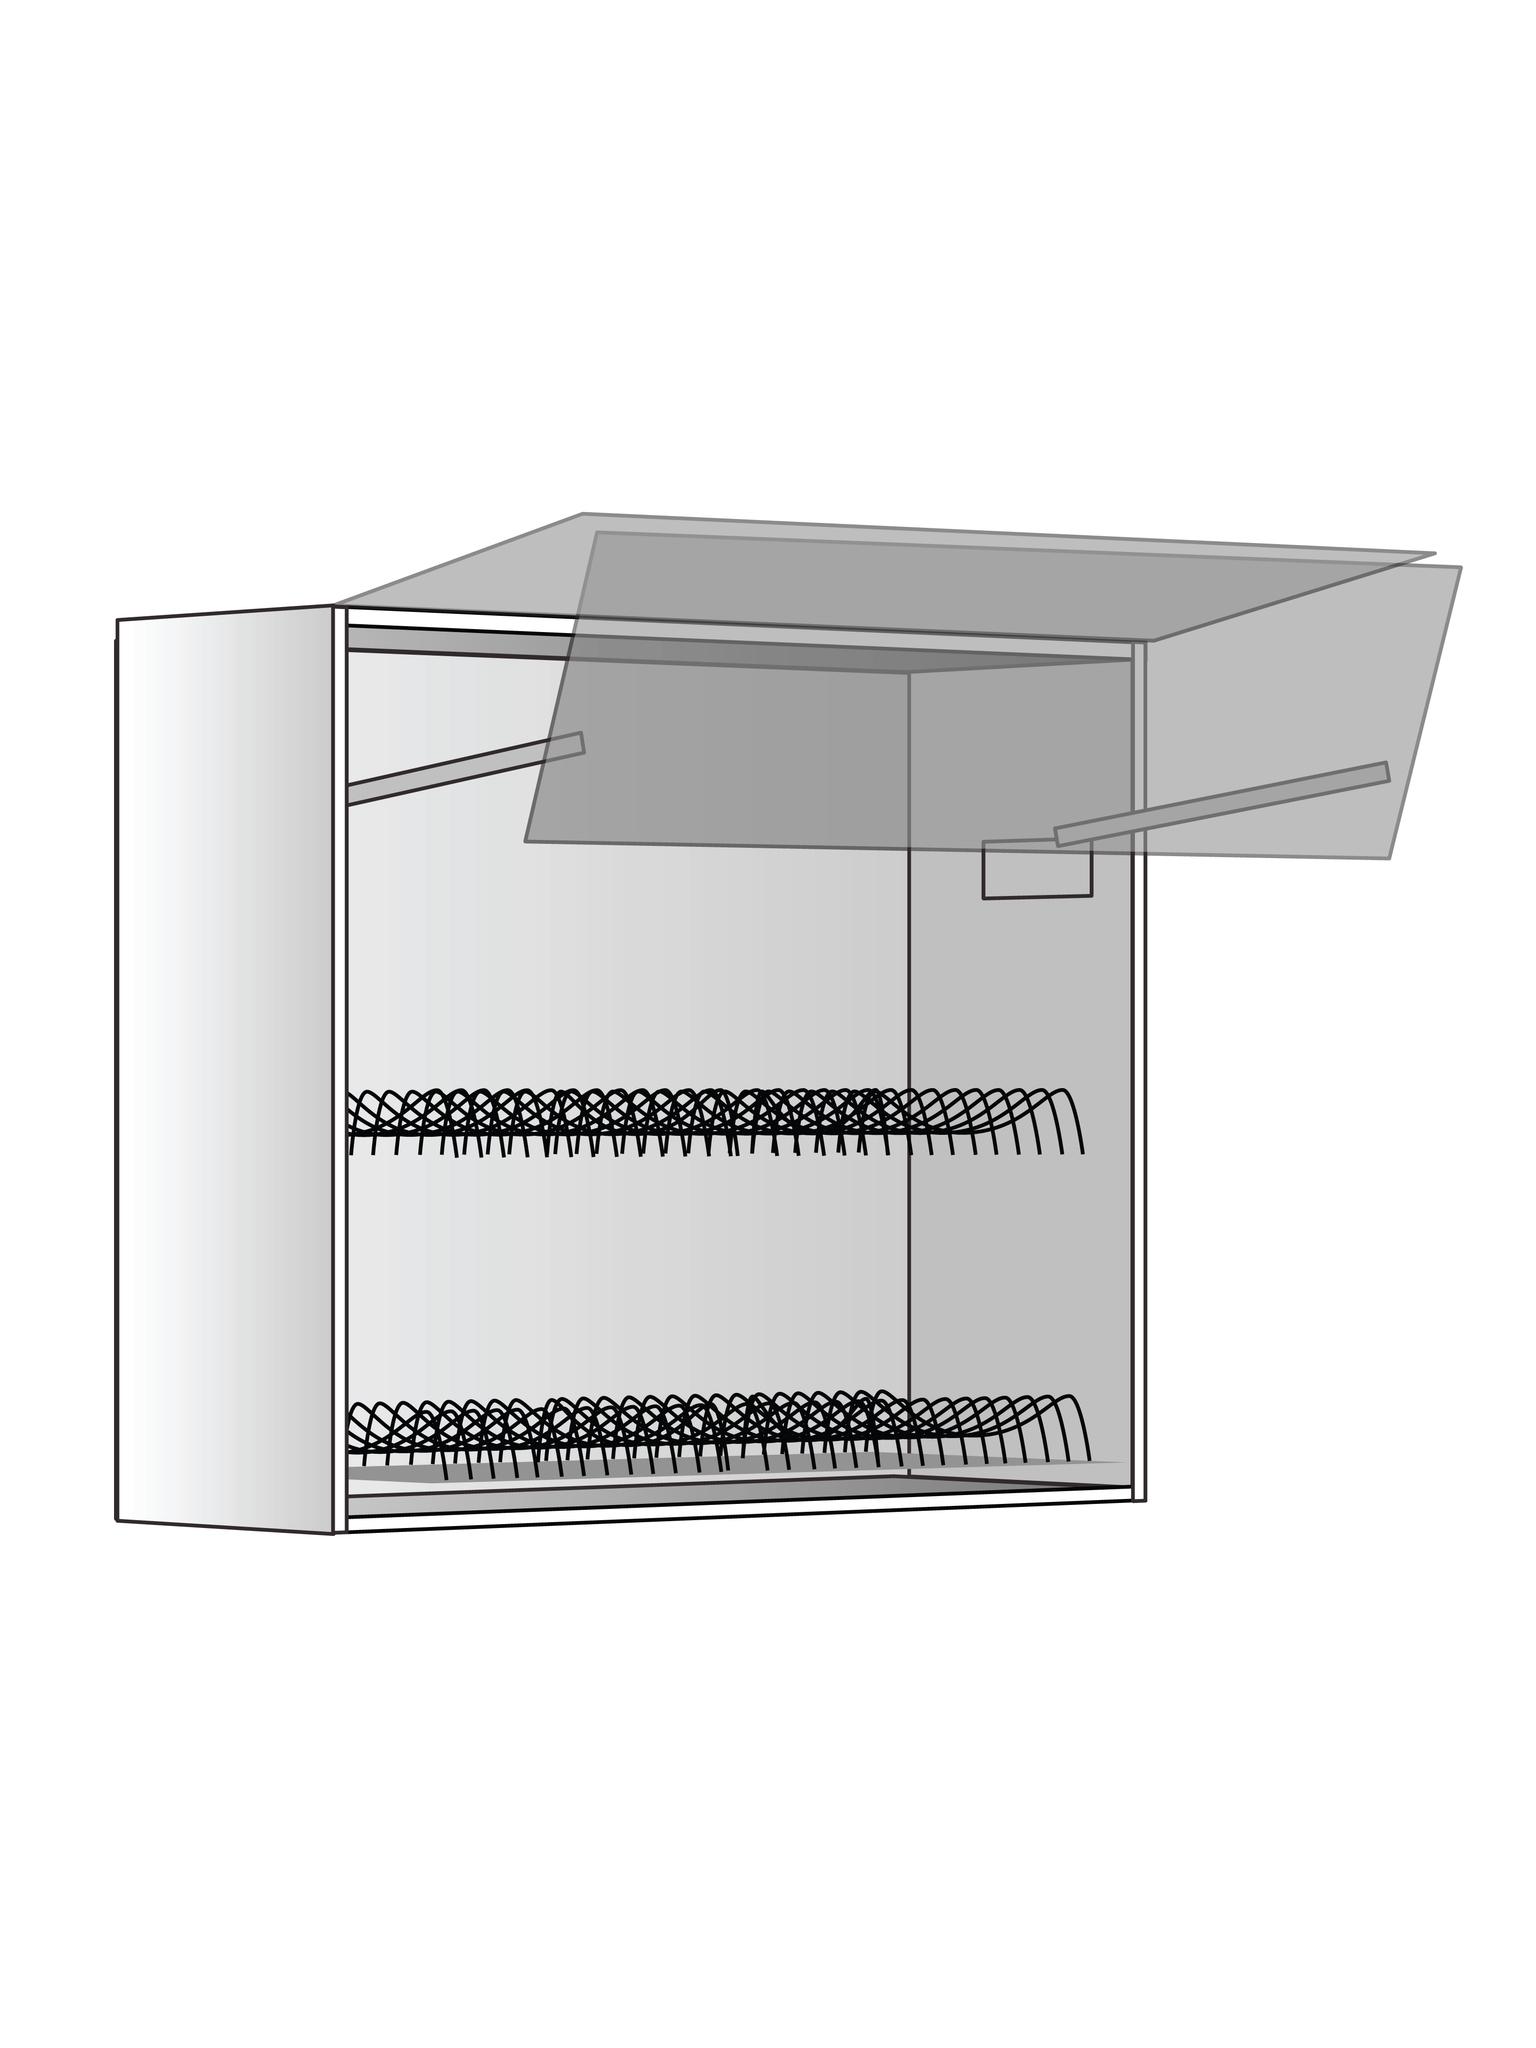 Верхний шкаф c сушилкой и подъемником, 720Х800 мм